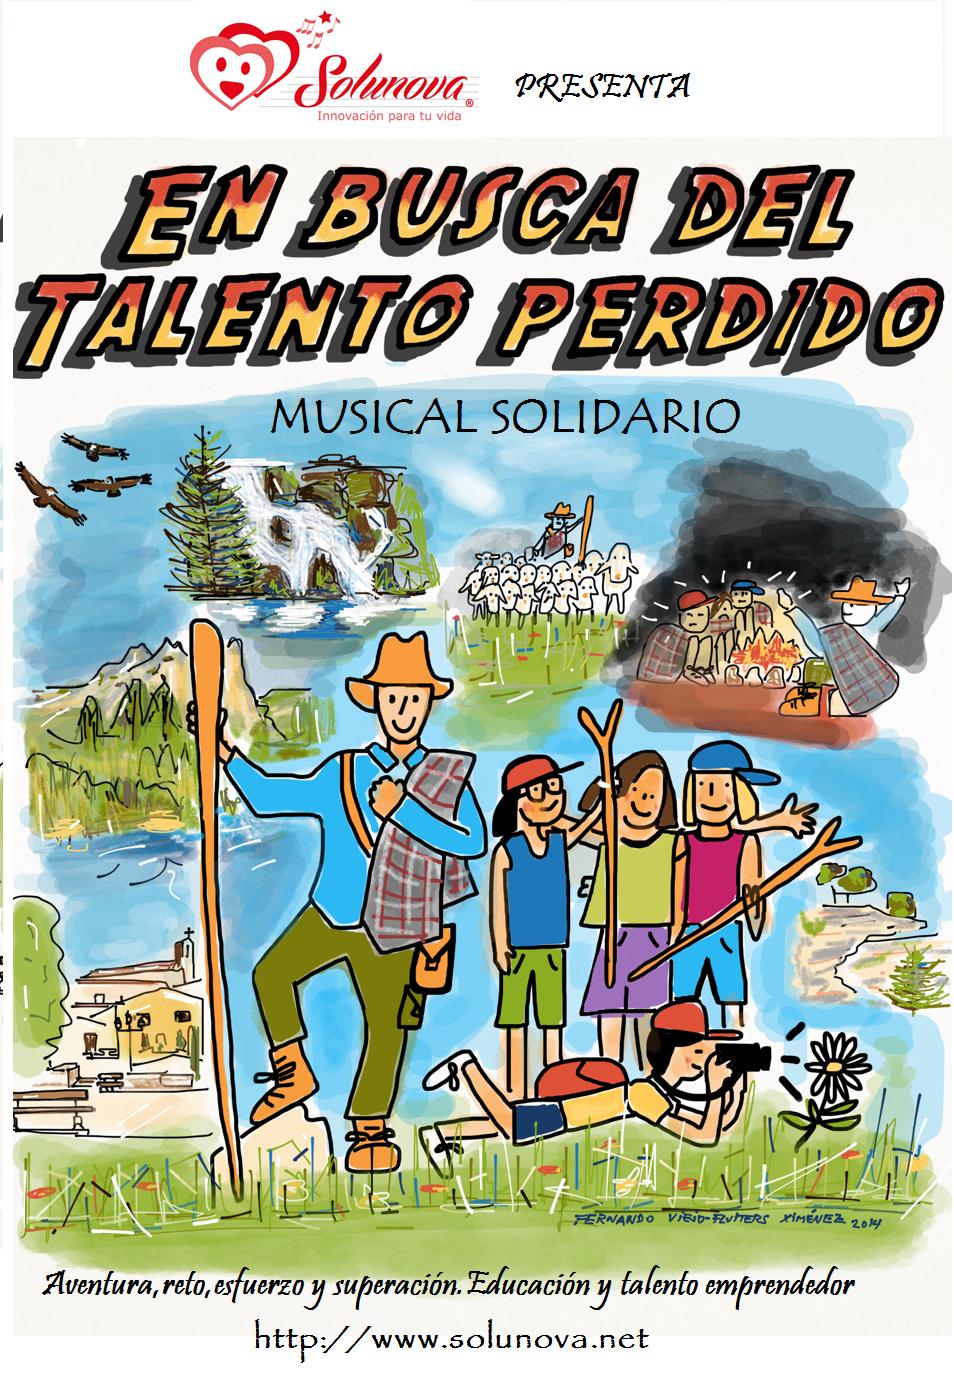 PROMOVEMOS EL MUSICAL SOLIDARIO